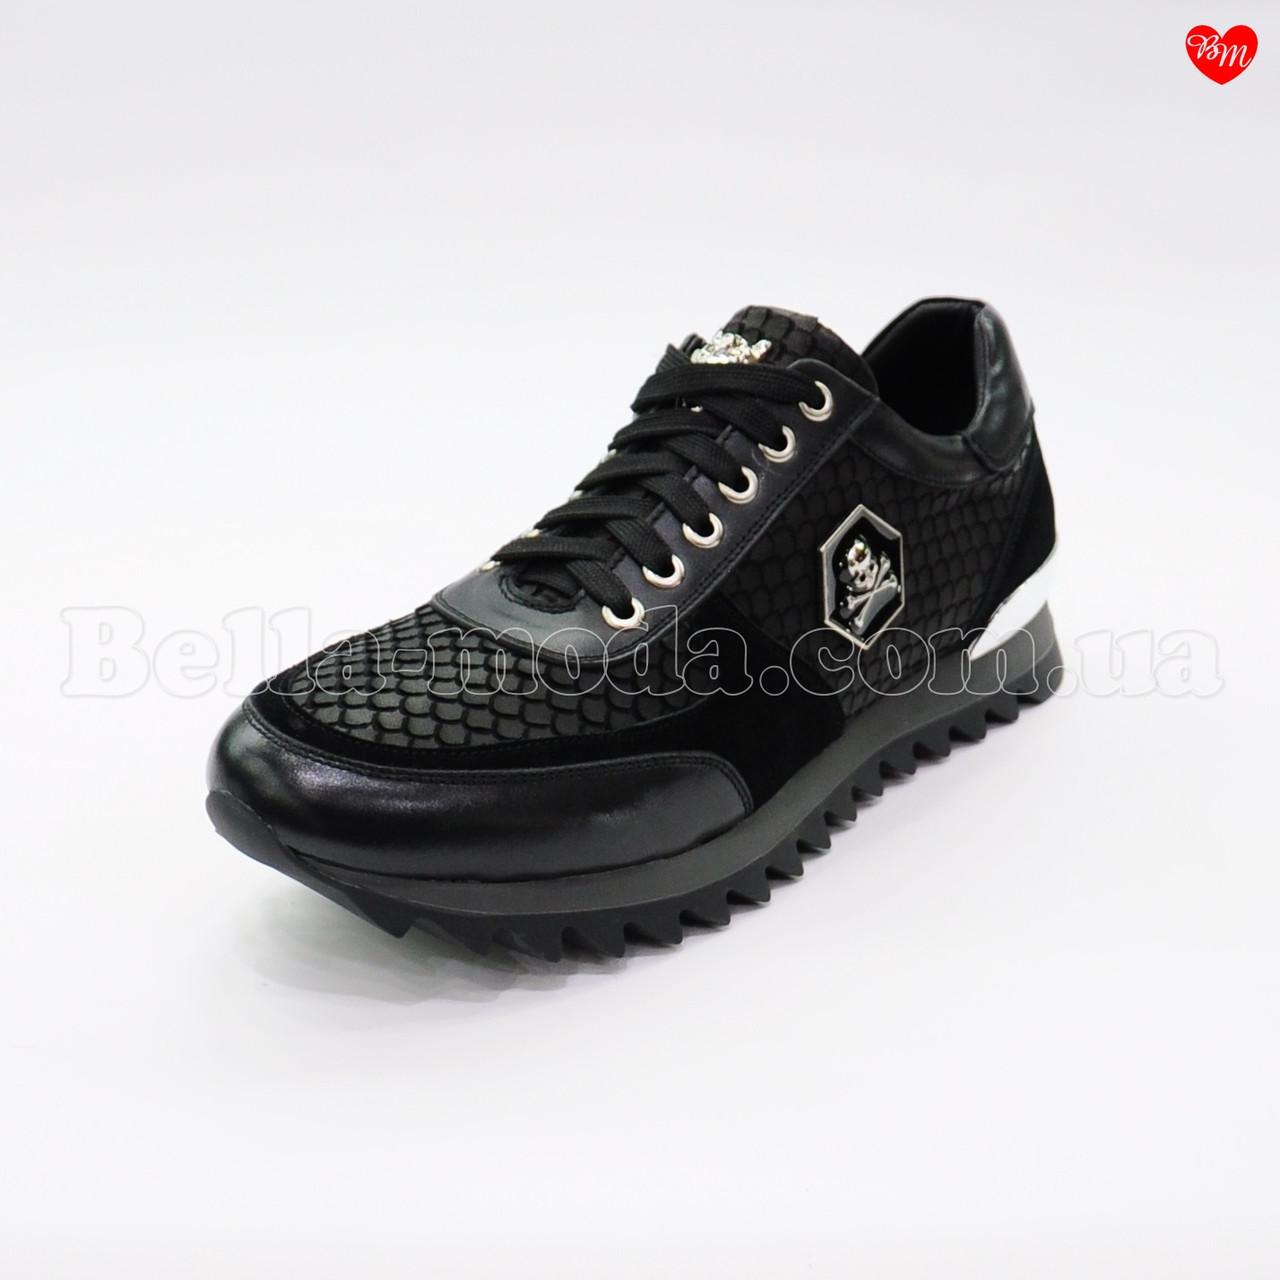 f50d8c07a8eb Купить Мужские кроссовки Philipp Plein рептилия в розницу от ...